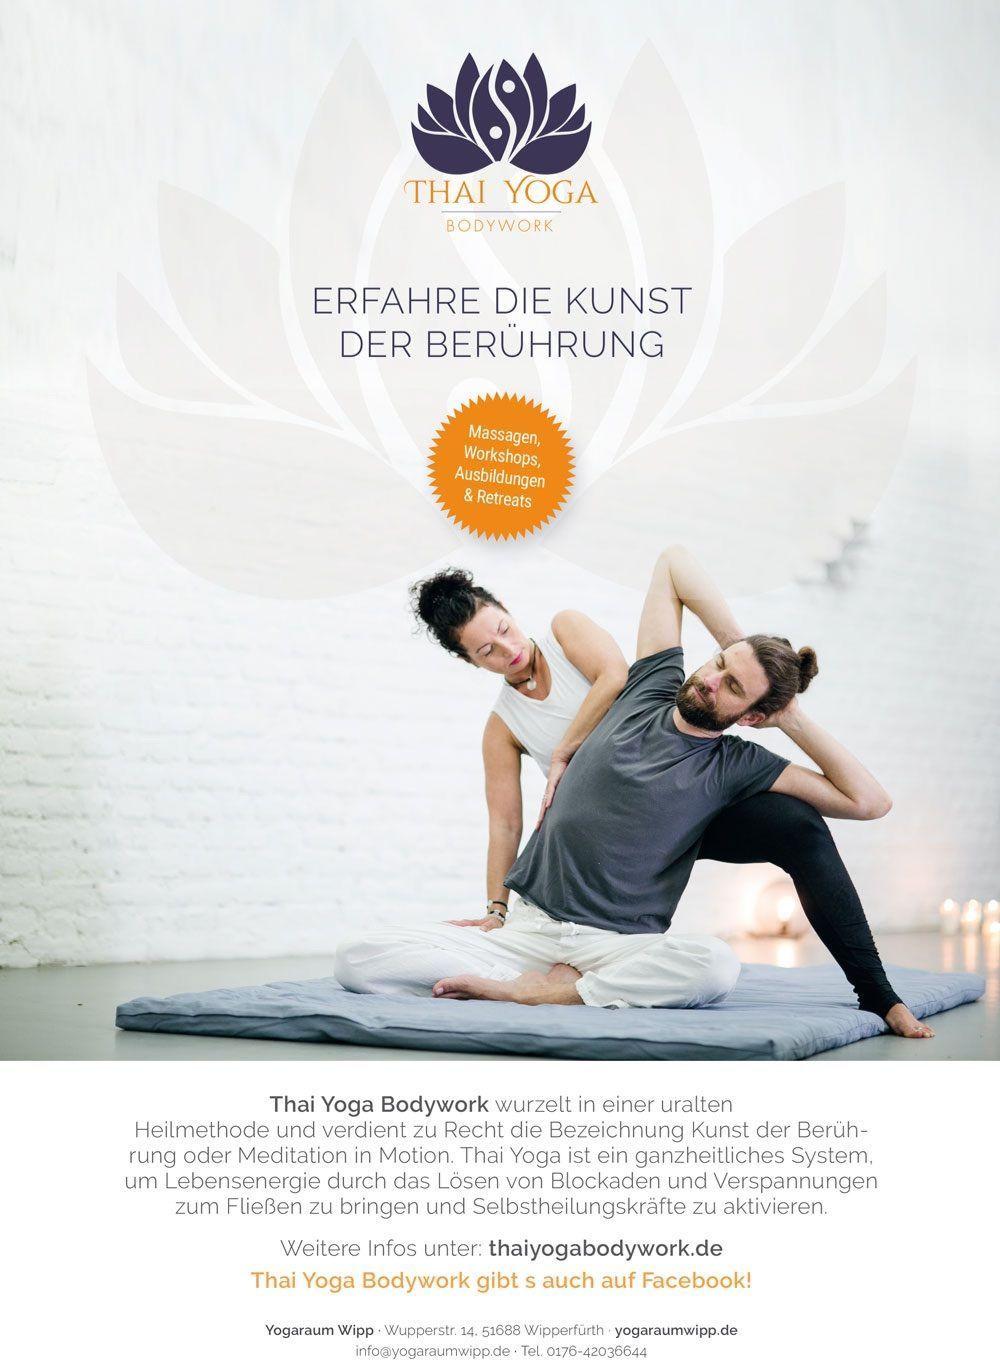 Thai YogaBodywork - Thaiyoga-Bodywork